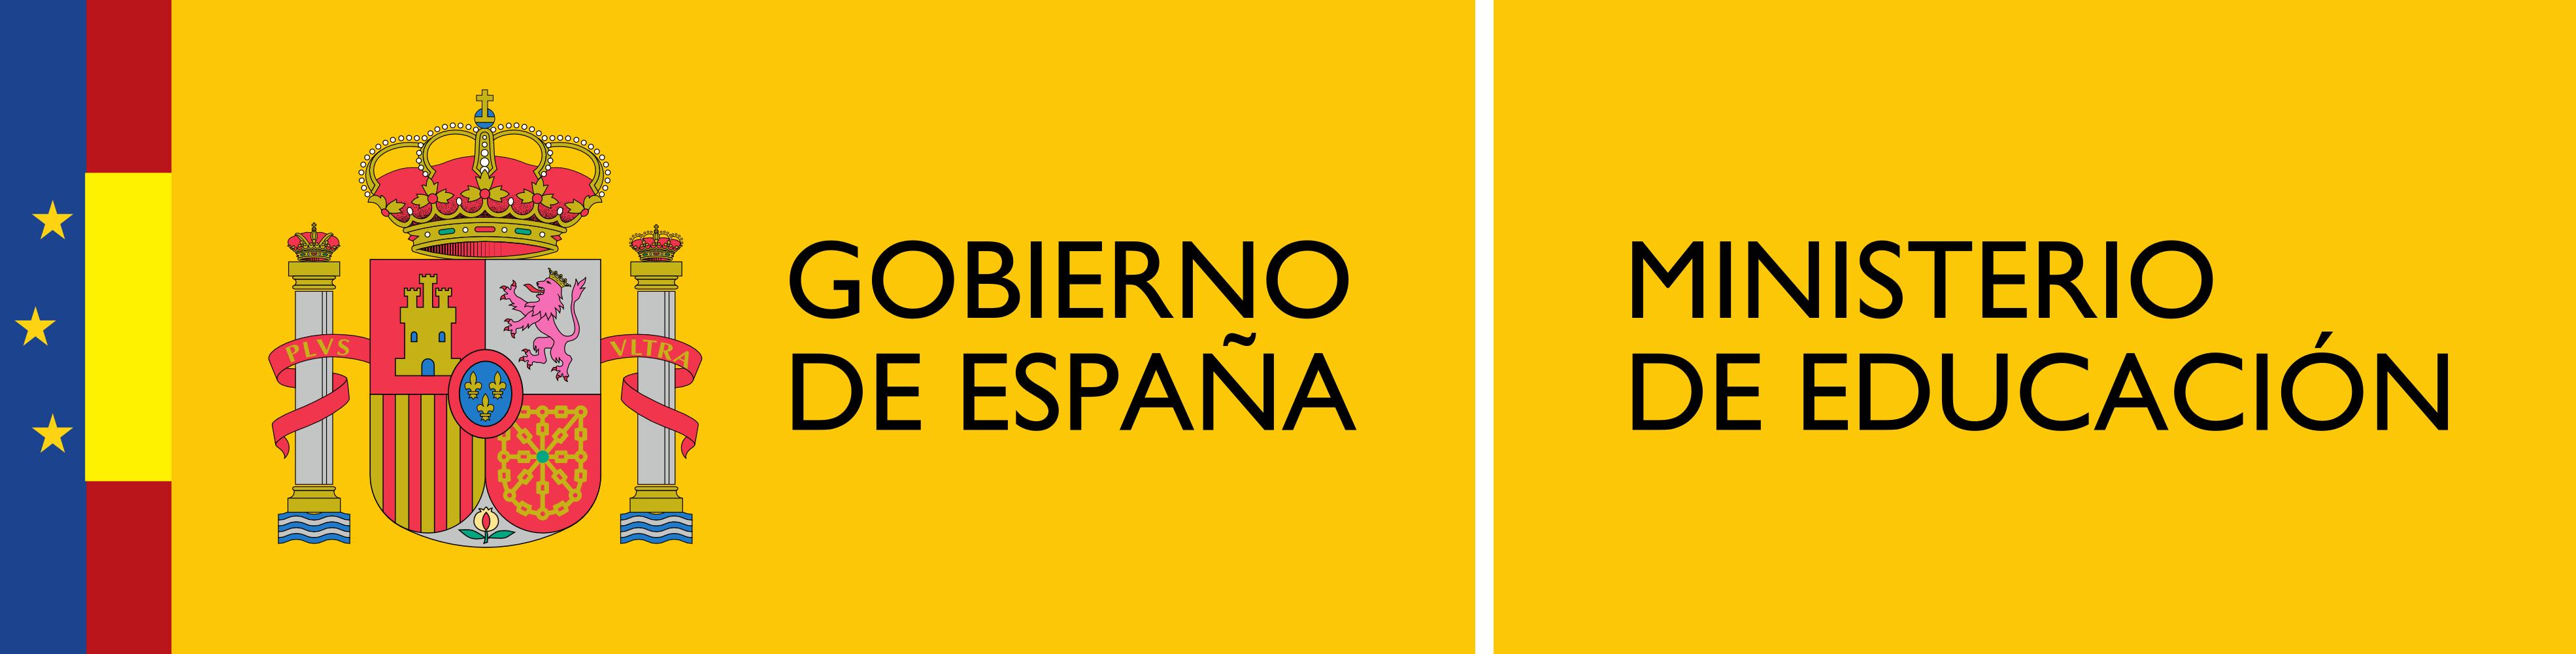 Logotipo_del_Ministerio_de_Educación